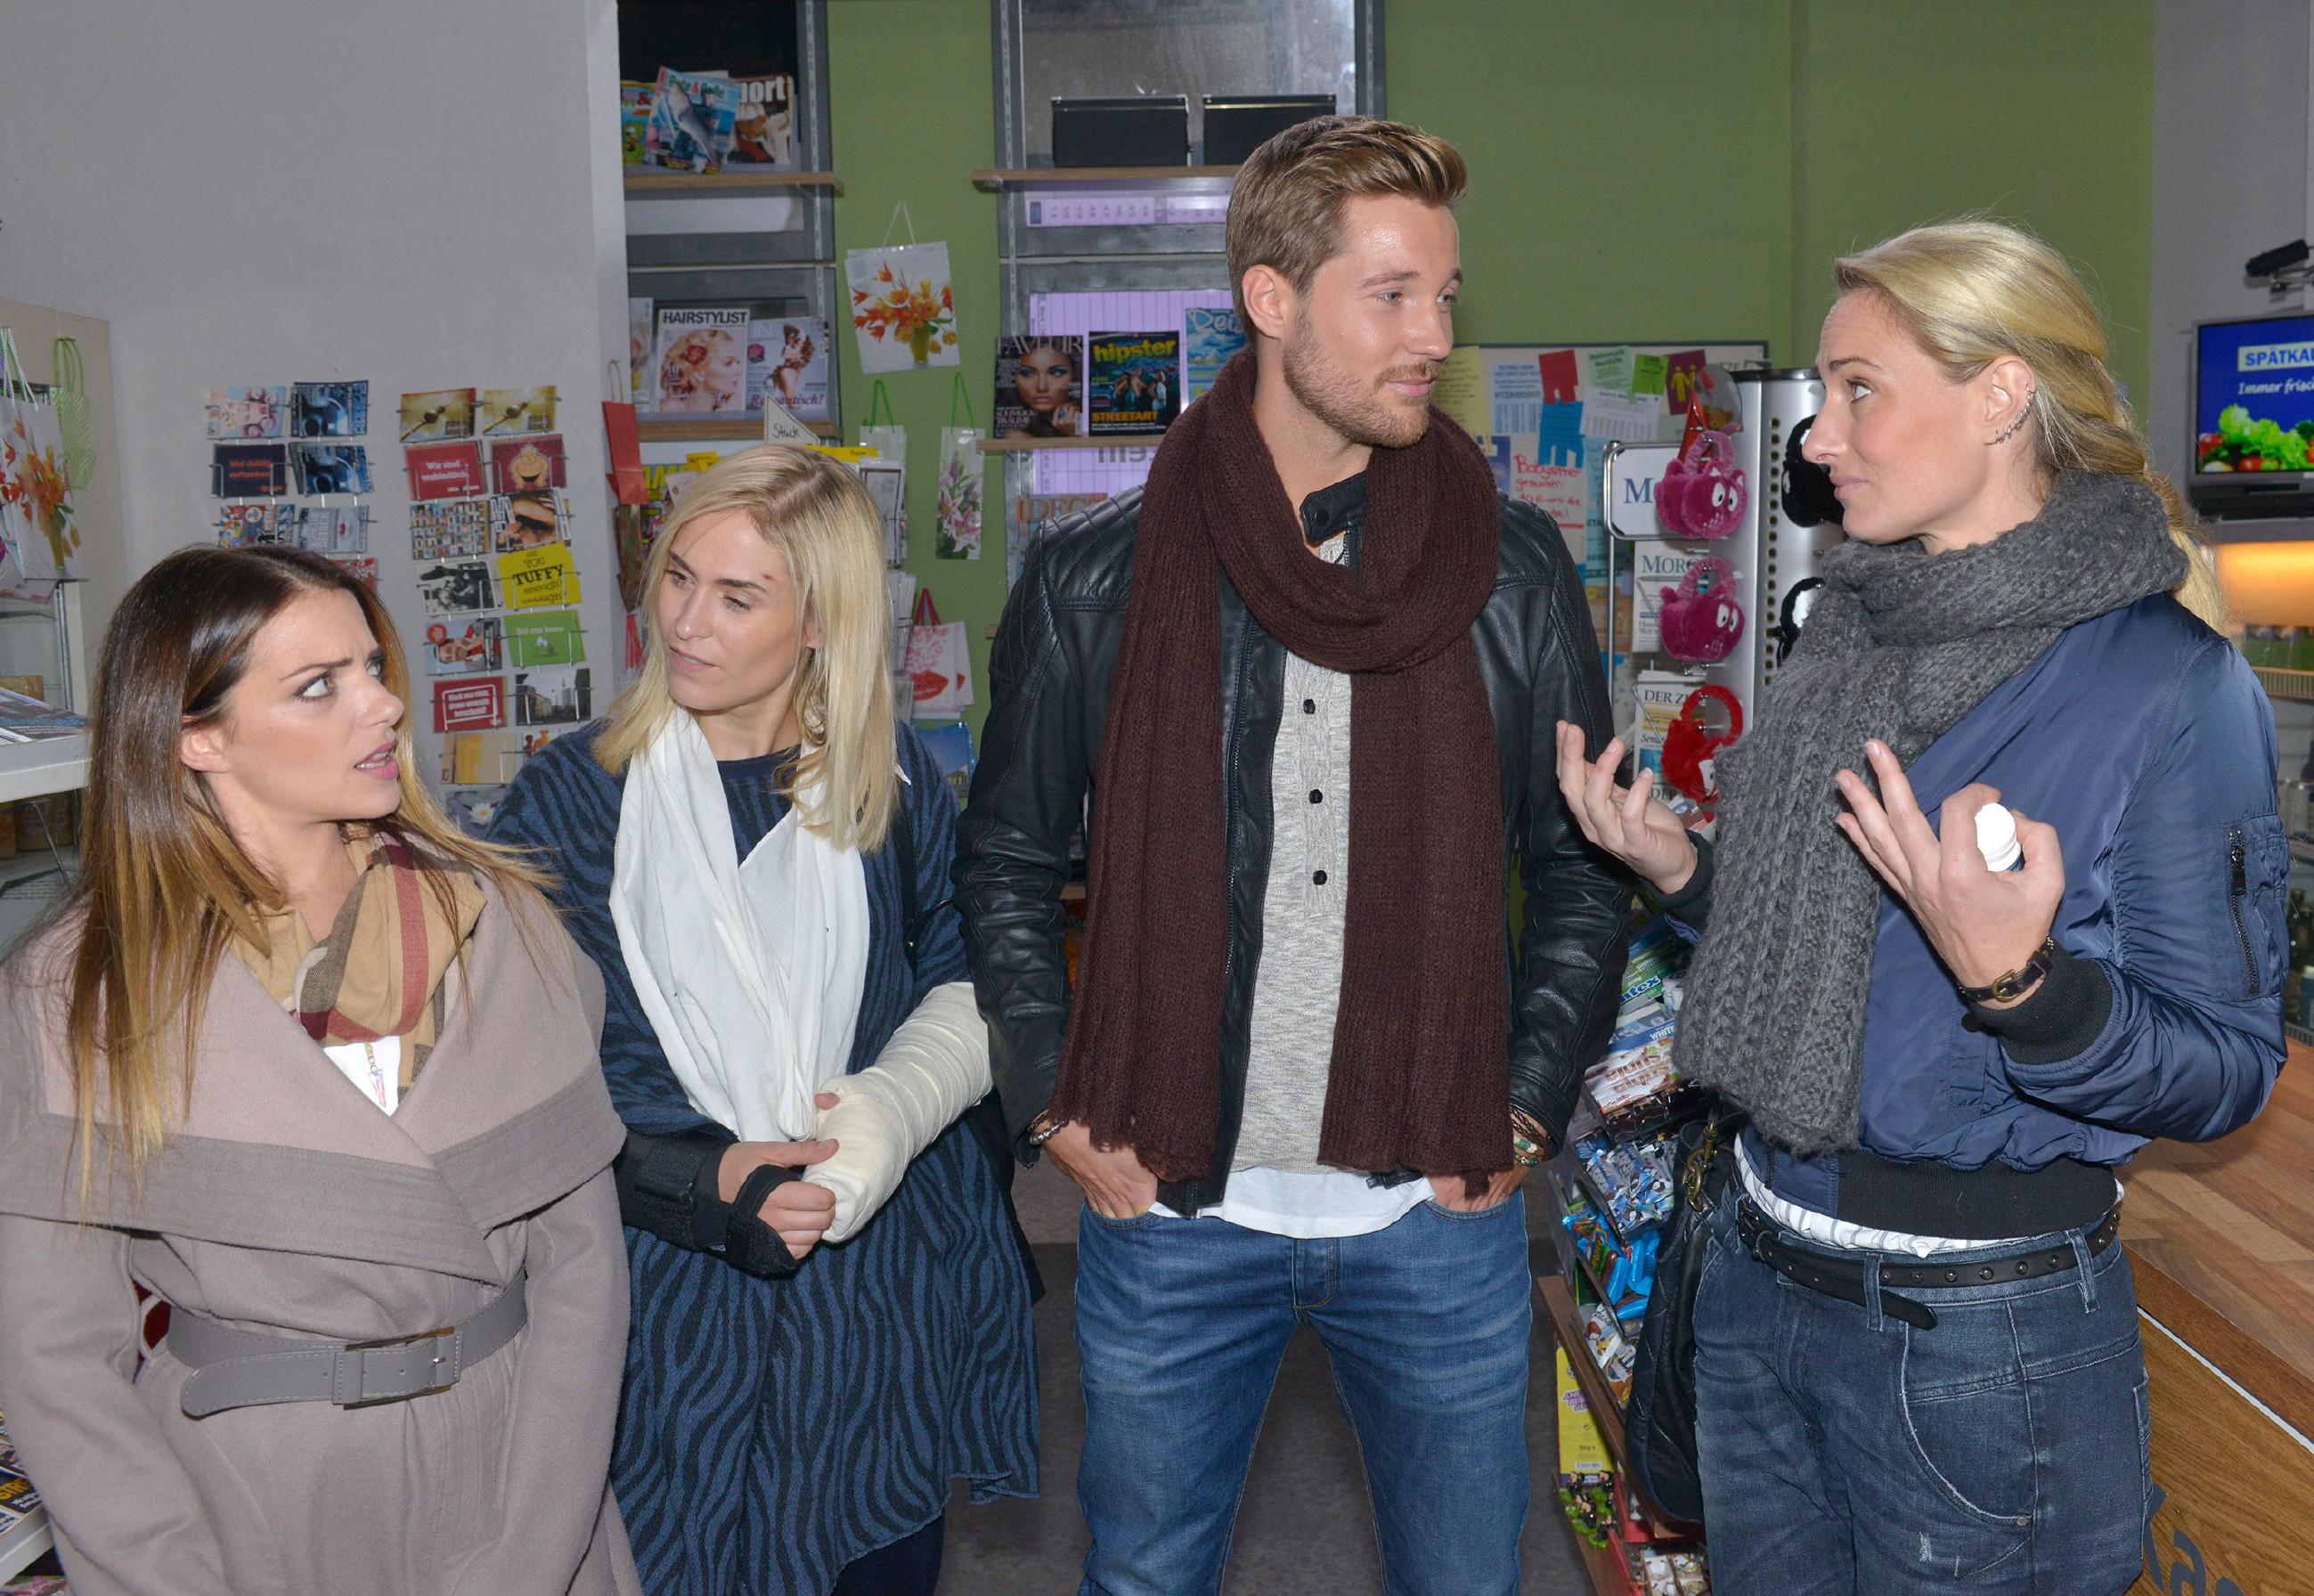 Emily (Anne Menden, l.) und Sophie (Lea Marlen Woitack, 2.v.l.) sind erstaunt, dass Eike (Tommy Schlesser) so offenkundiges Interesse an Maren (Eva Mona Rodekirchen) zeigt. (Quelle: RTL / Rolf Baumgartner)